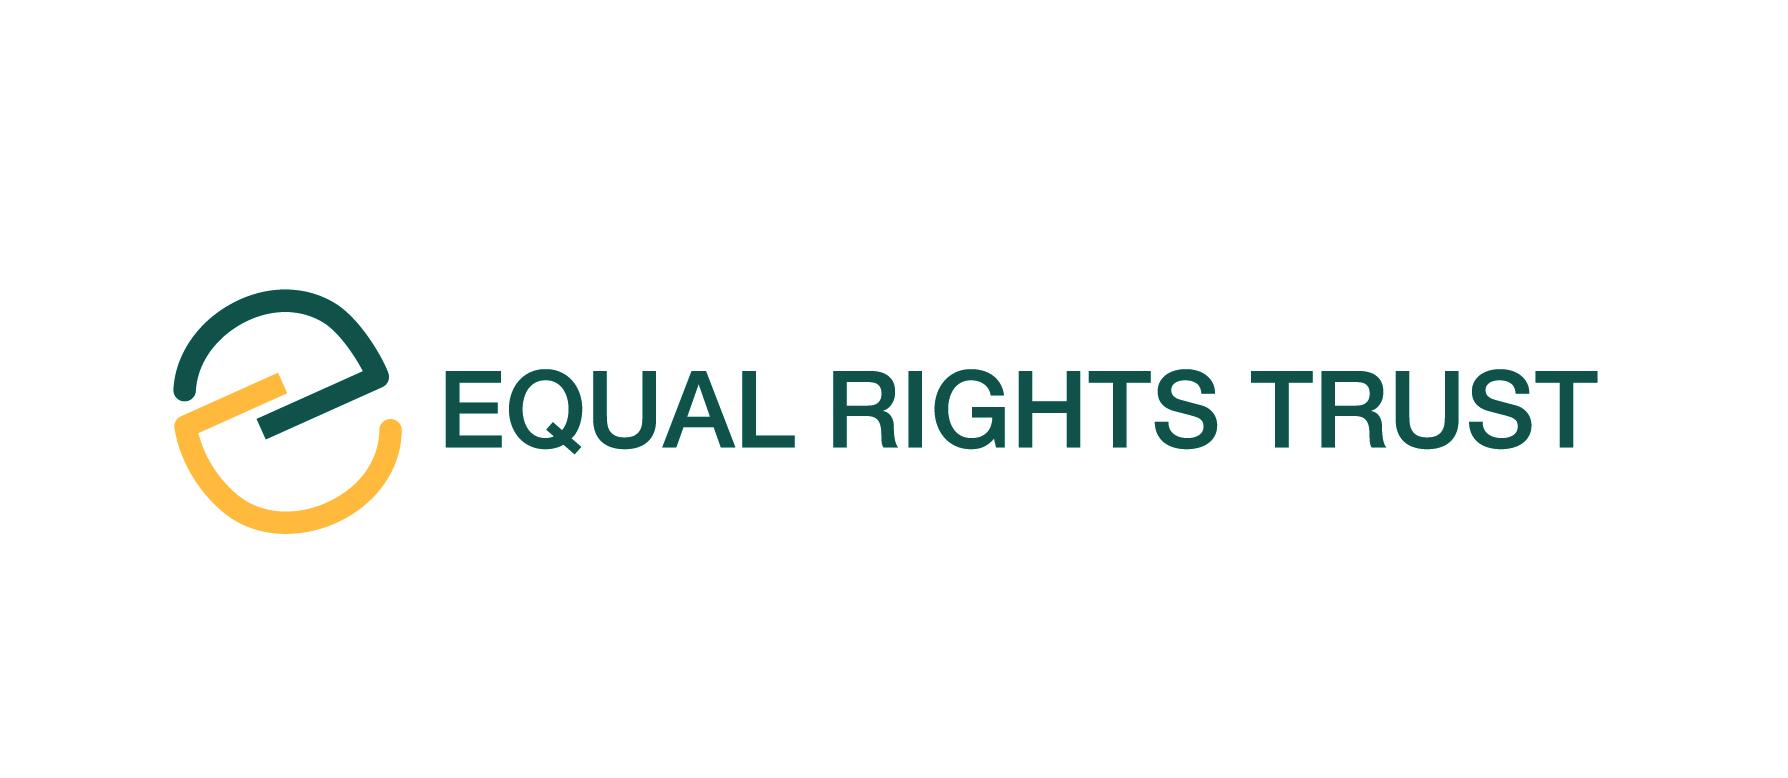 EqualRightsTrust-logo.jpg